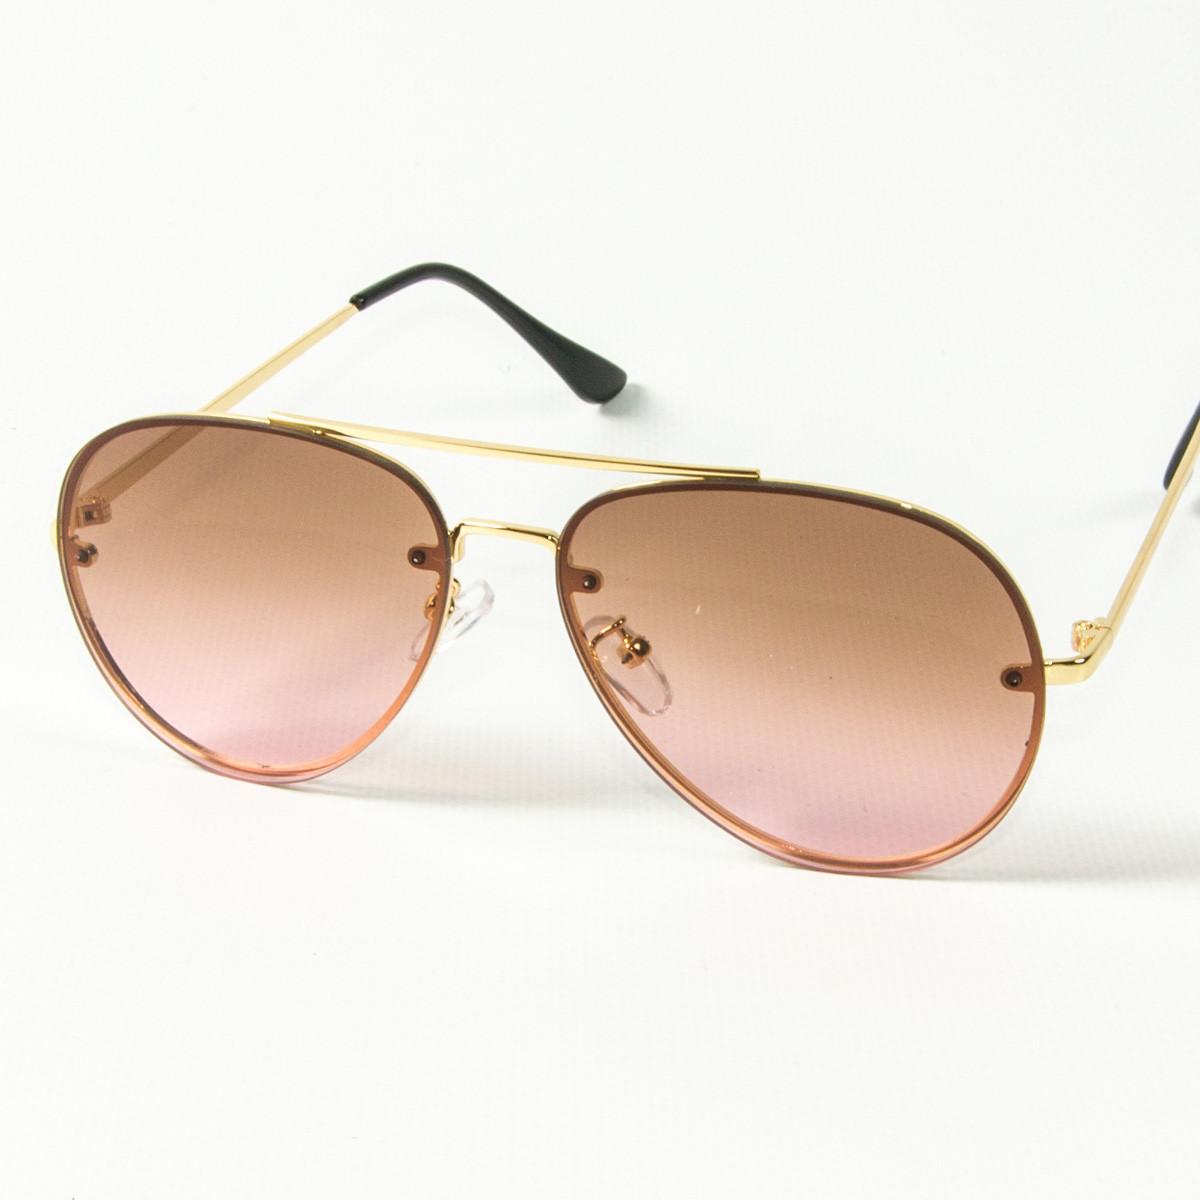 Оптом солнцезащитные очки авиатор (арт. 80-665/4) светло-коричневые